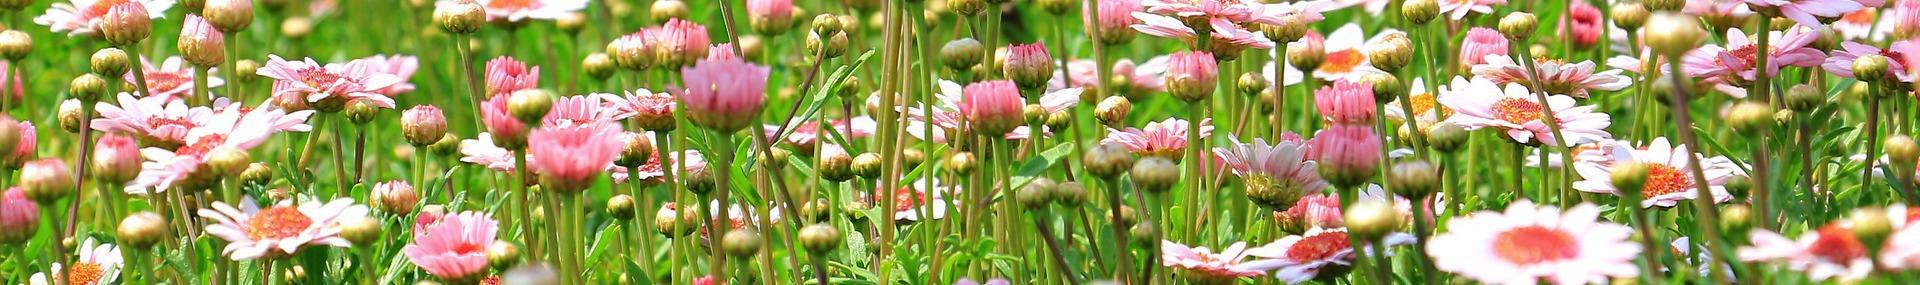 image flowermeadow1510602_1920ConvertImage.jpg (0.2MB)